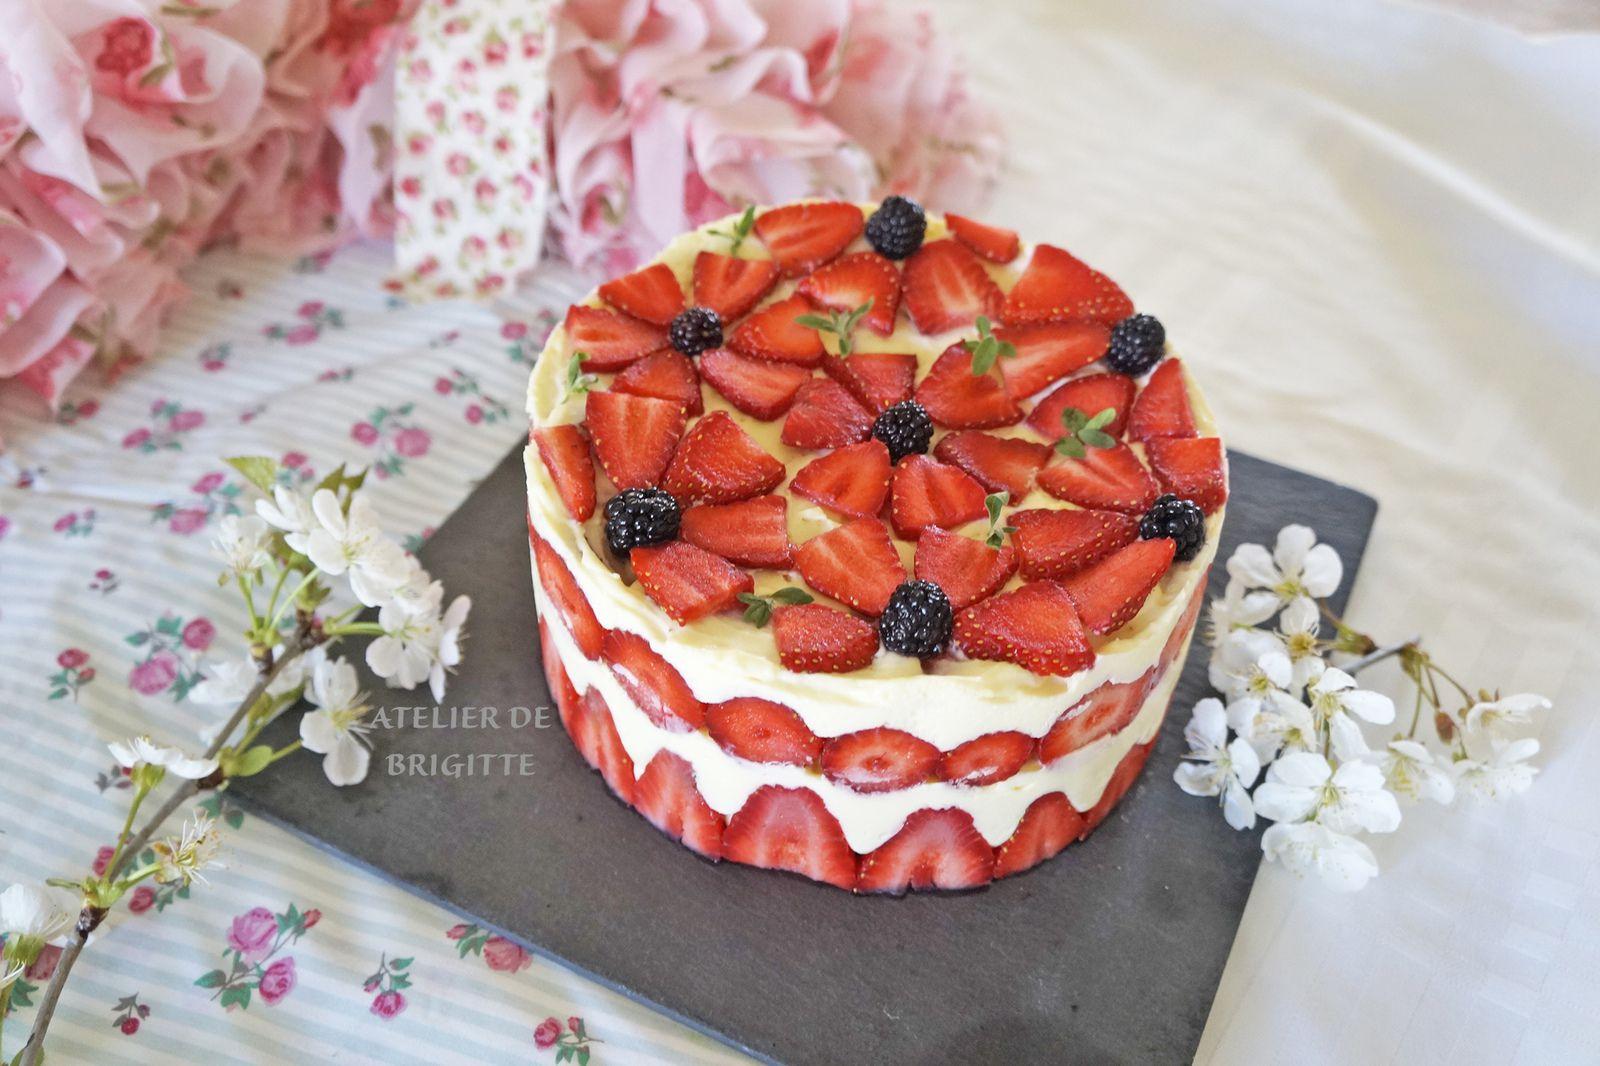 fraises, fraisier, dessert, recette, fruits, confinement, recette du confinement, entremet, crème diplomate